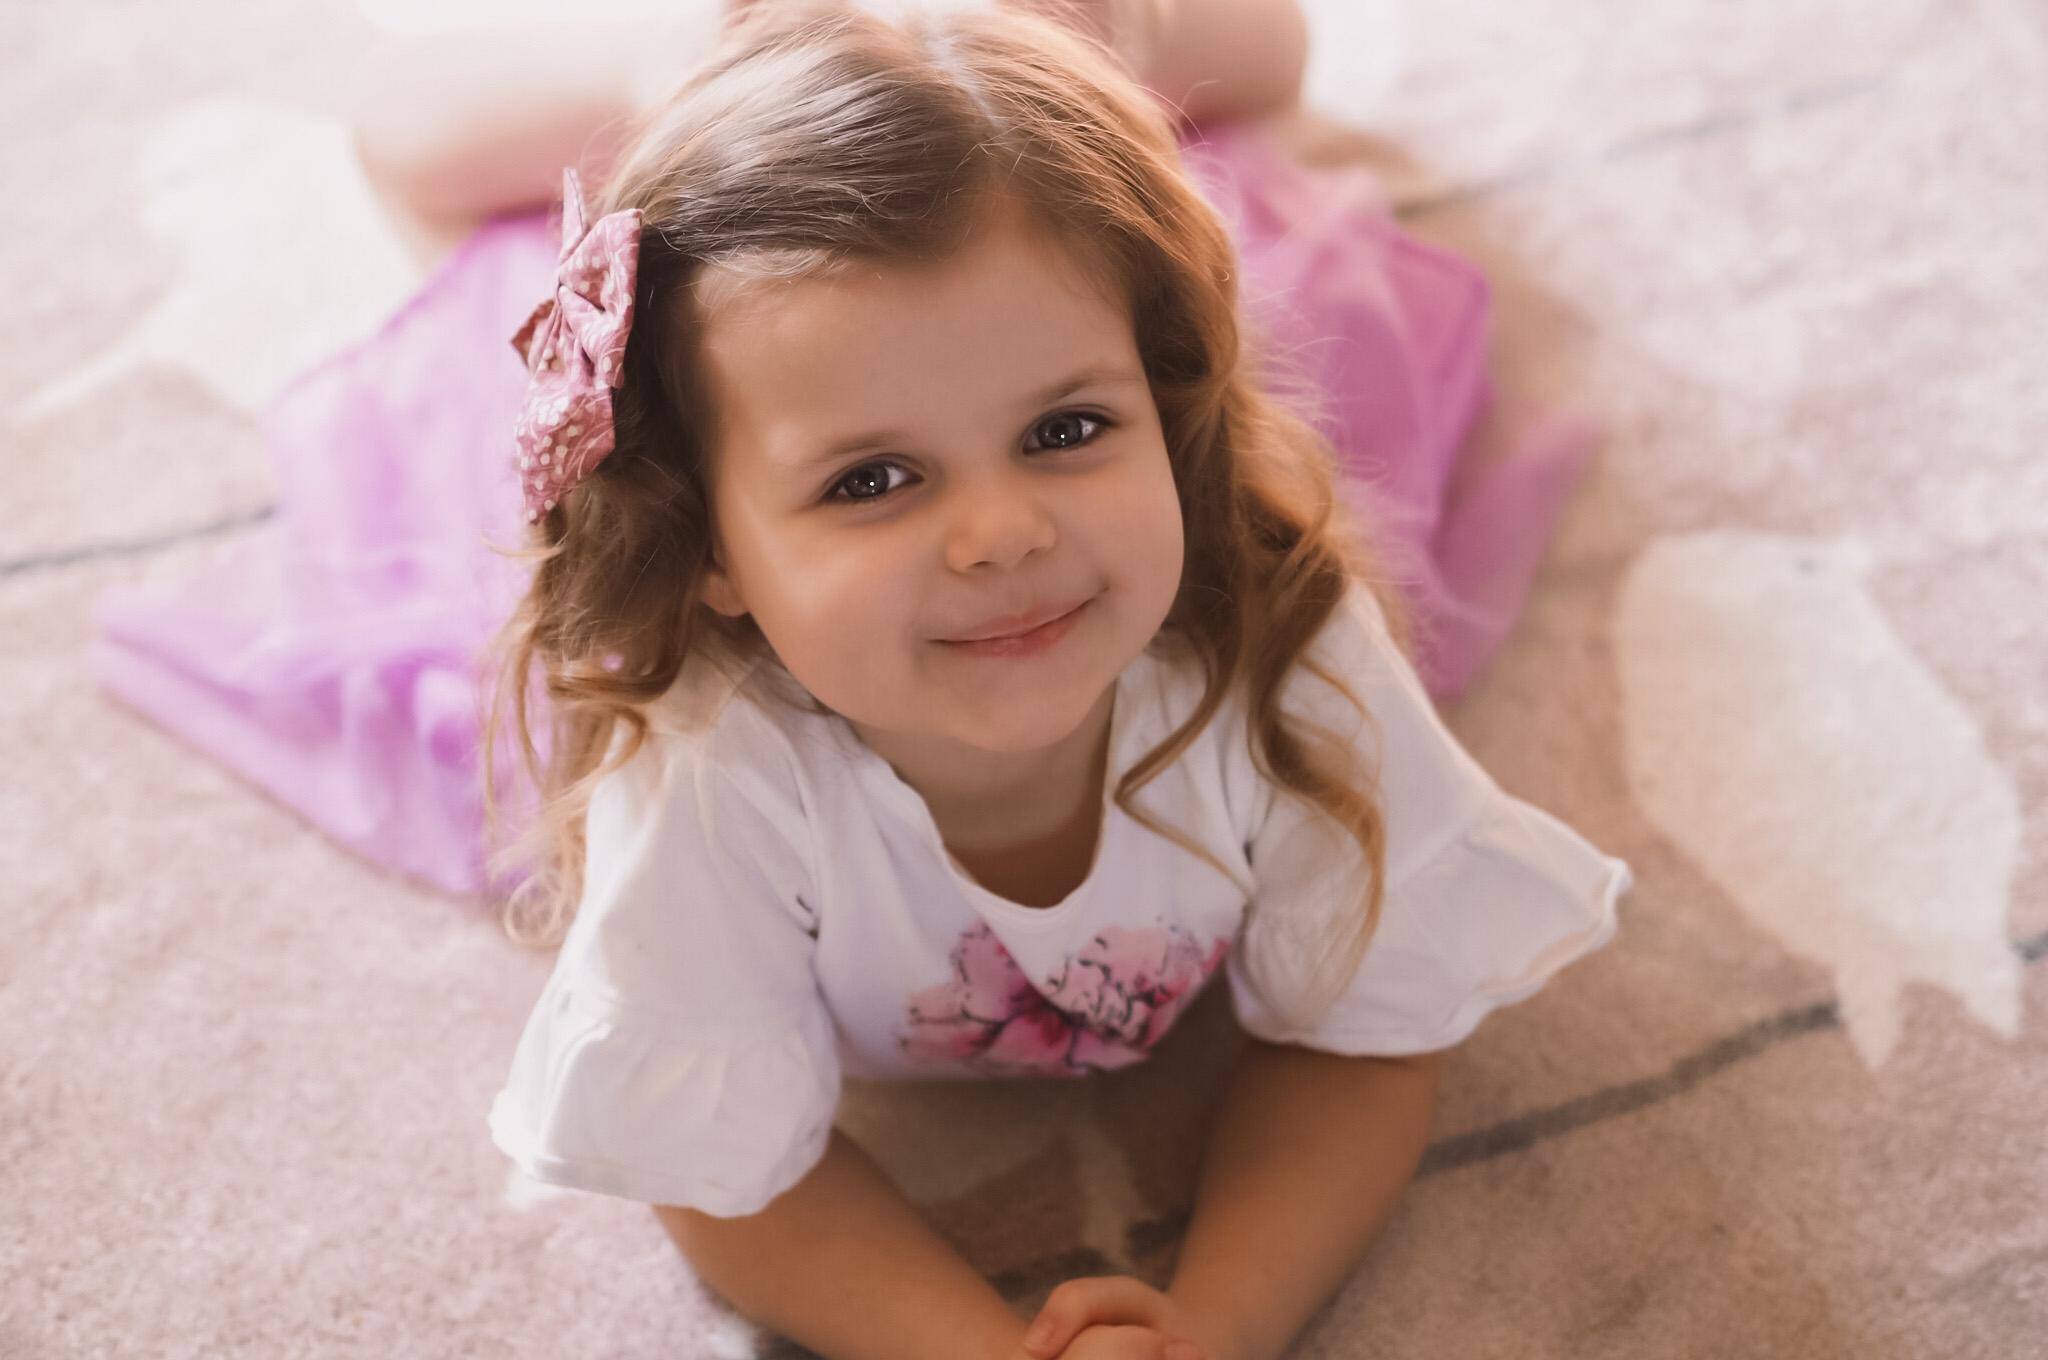 Mała dziewczynka w sukience z tiulem, leżąca na podłodze i uśmiechająca się do aparatu.